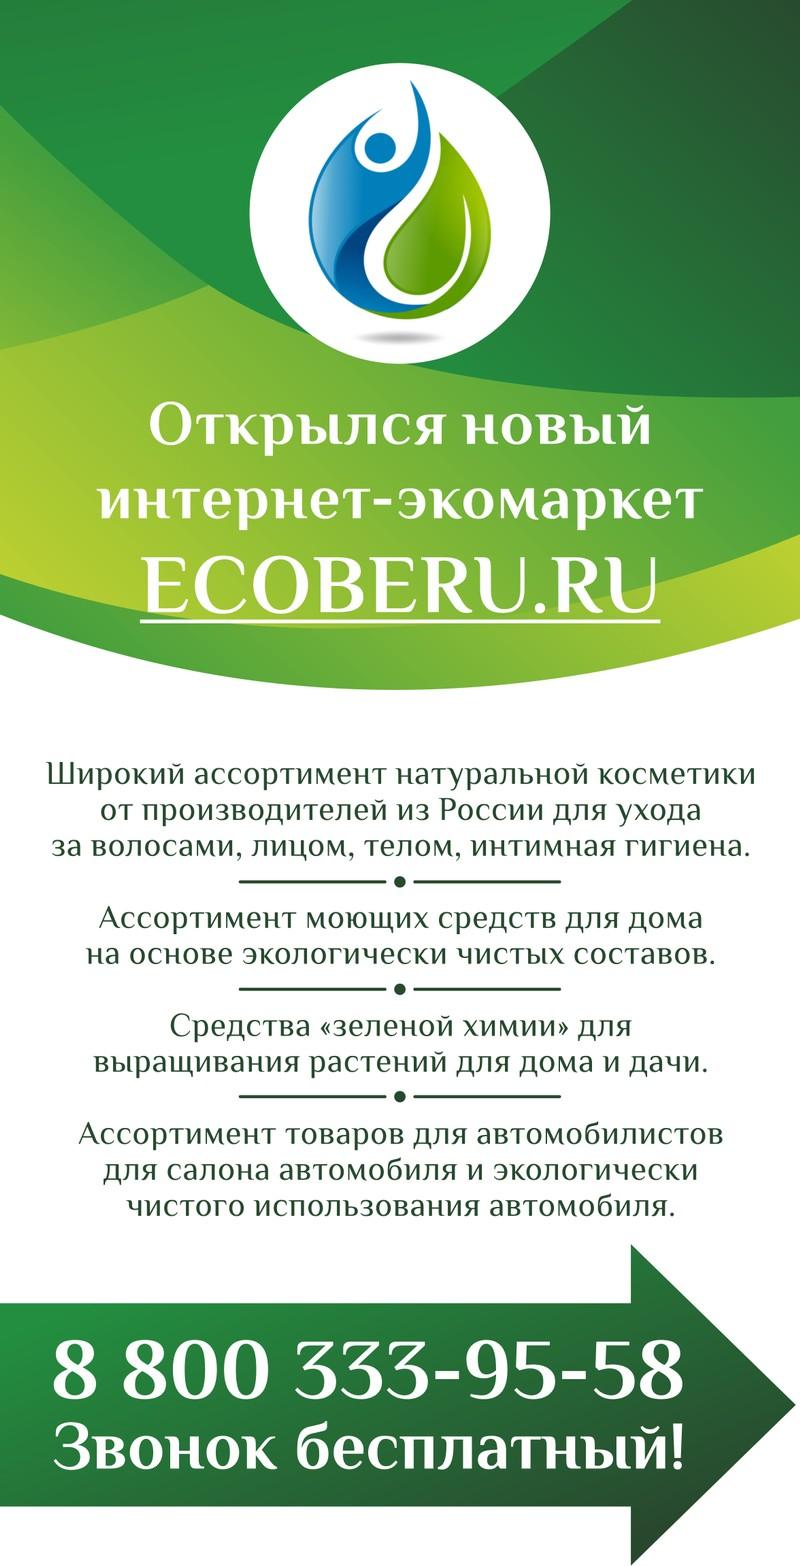 Открытие интернет-экомаркета ECOBERU.RU в г. Санкт-Петербурге